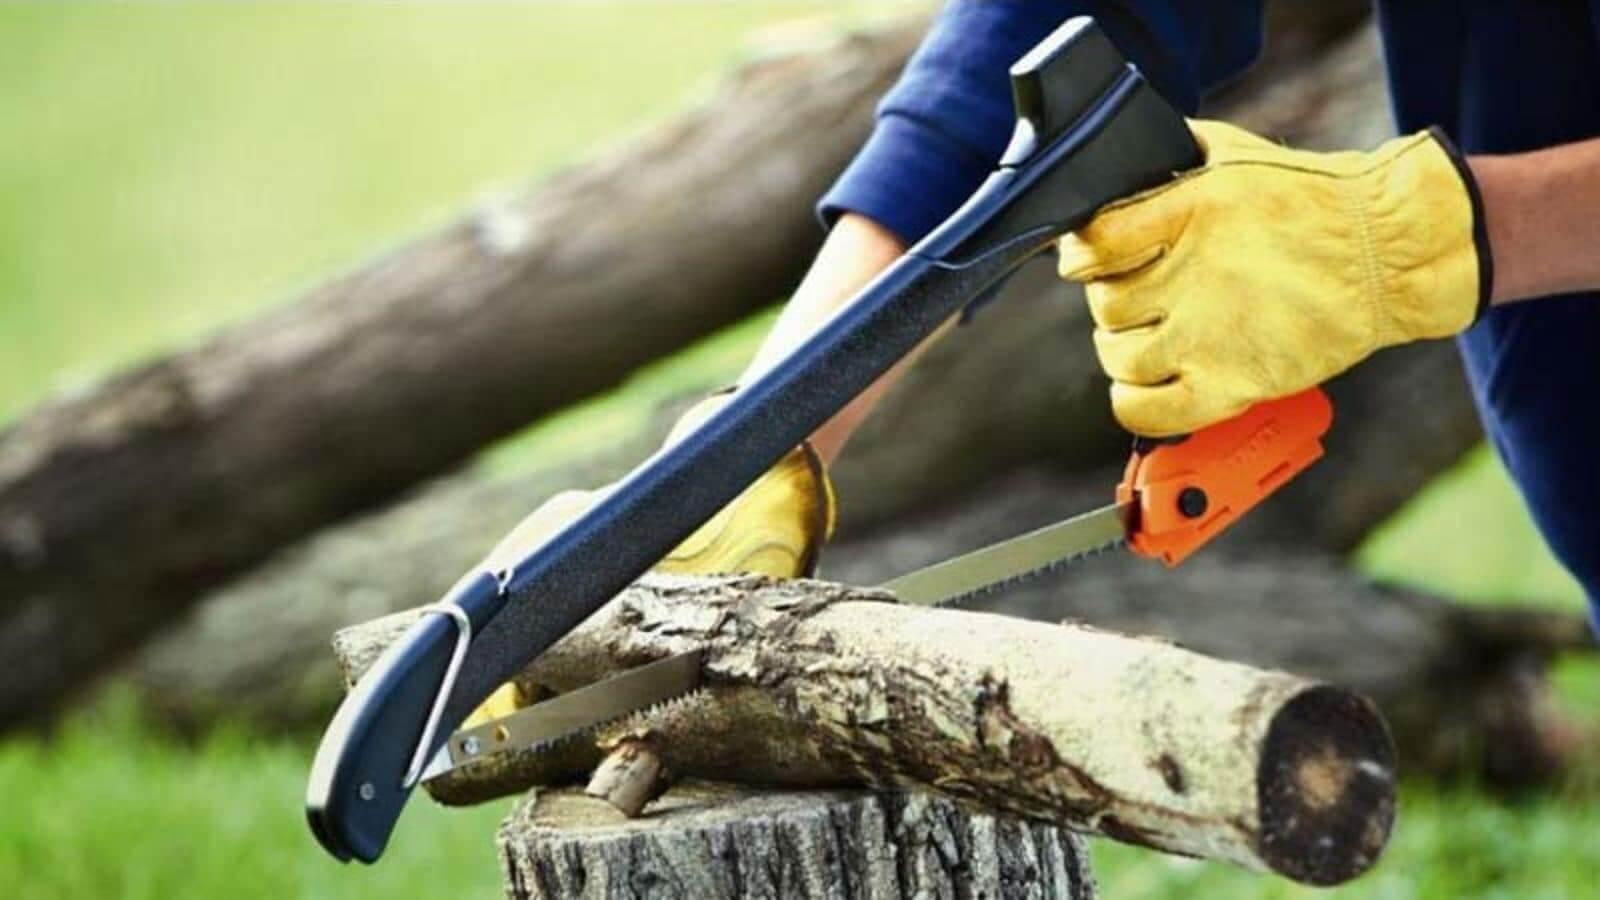 Эффективность работы напрямую зависит от того, насколько качественно и удобно выполнена рукоятка ножовки